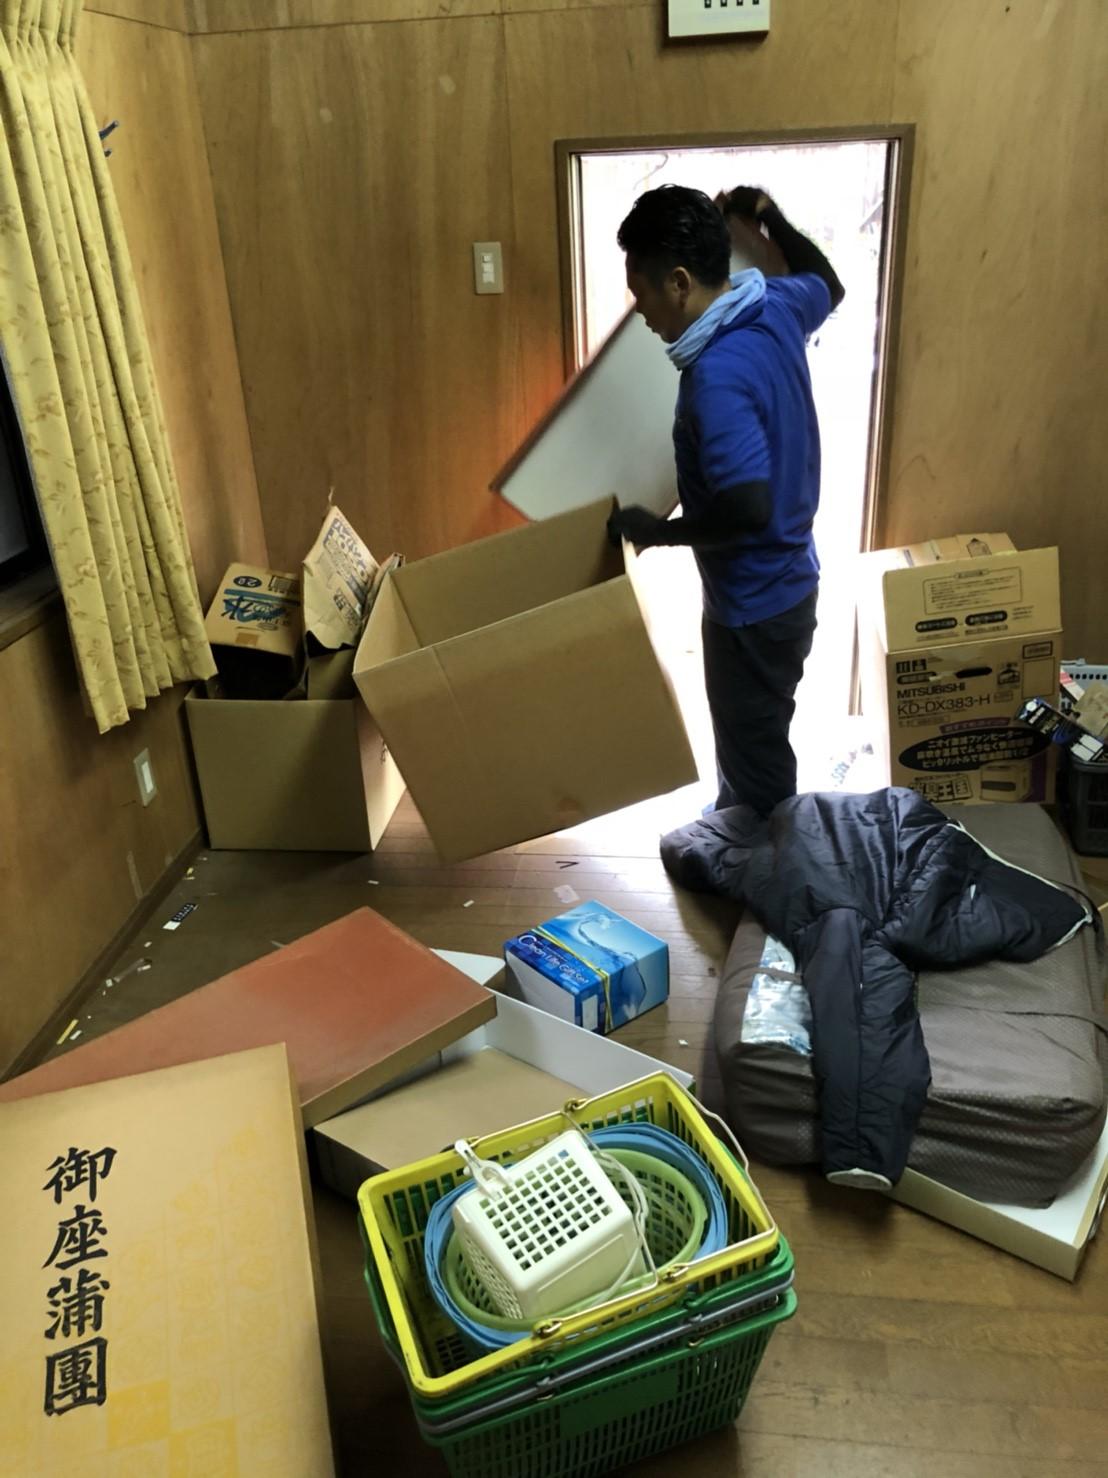 滋賀県 【ゴミ清掃】